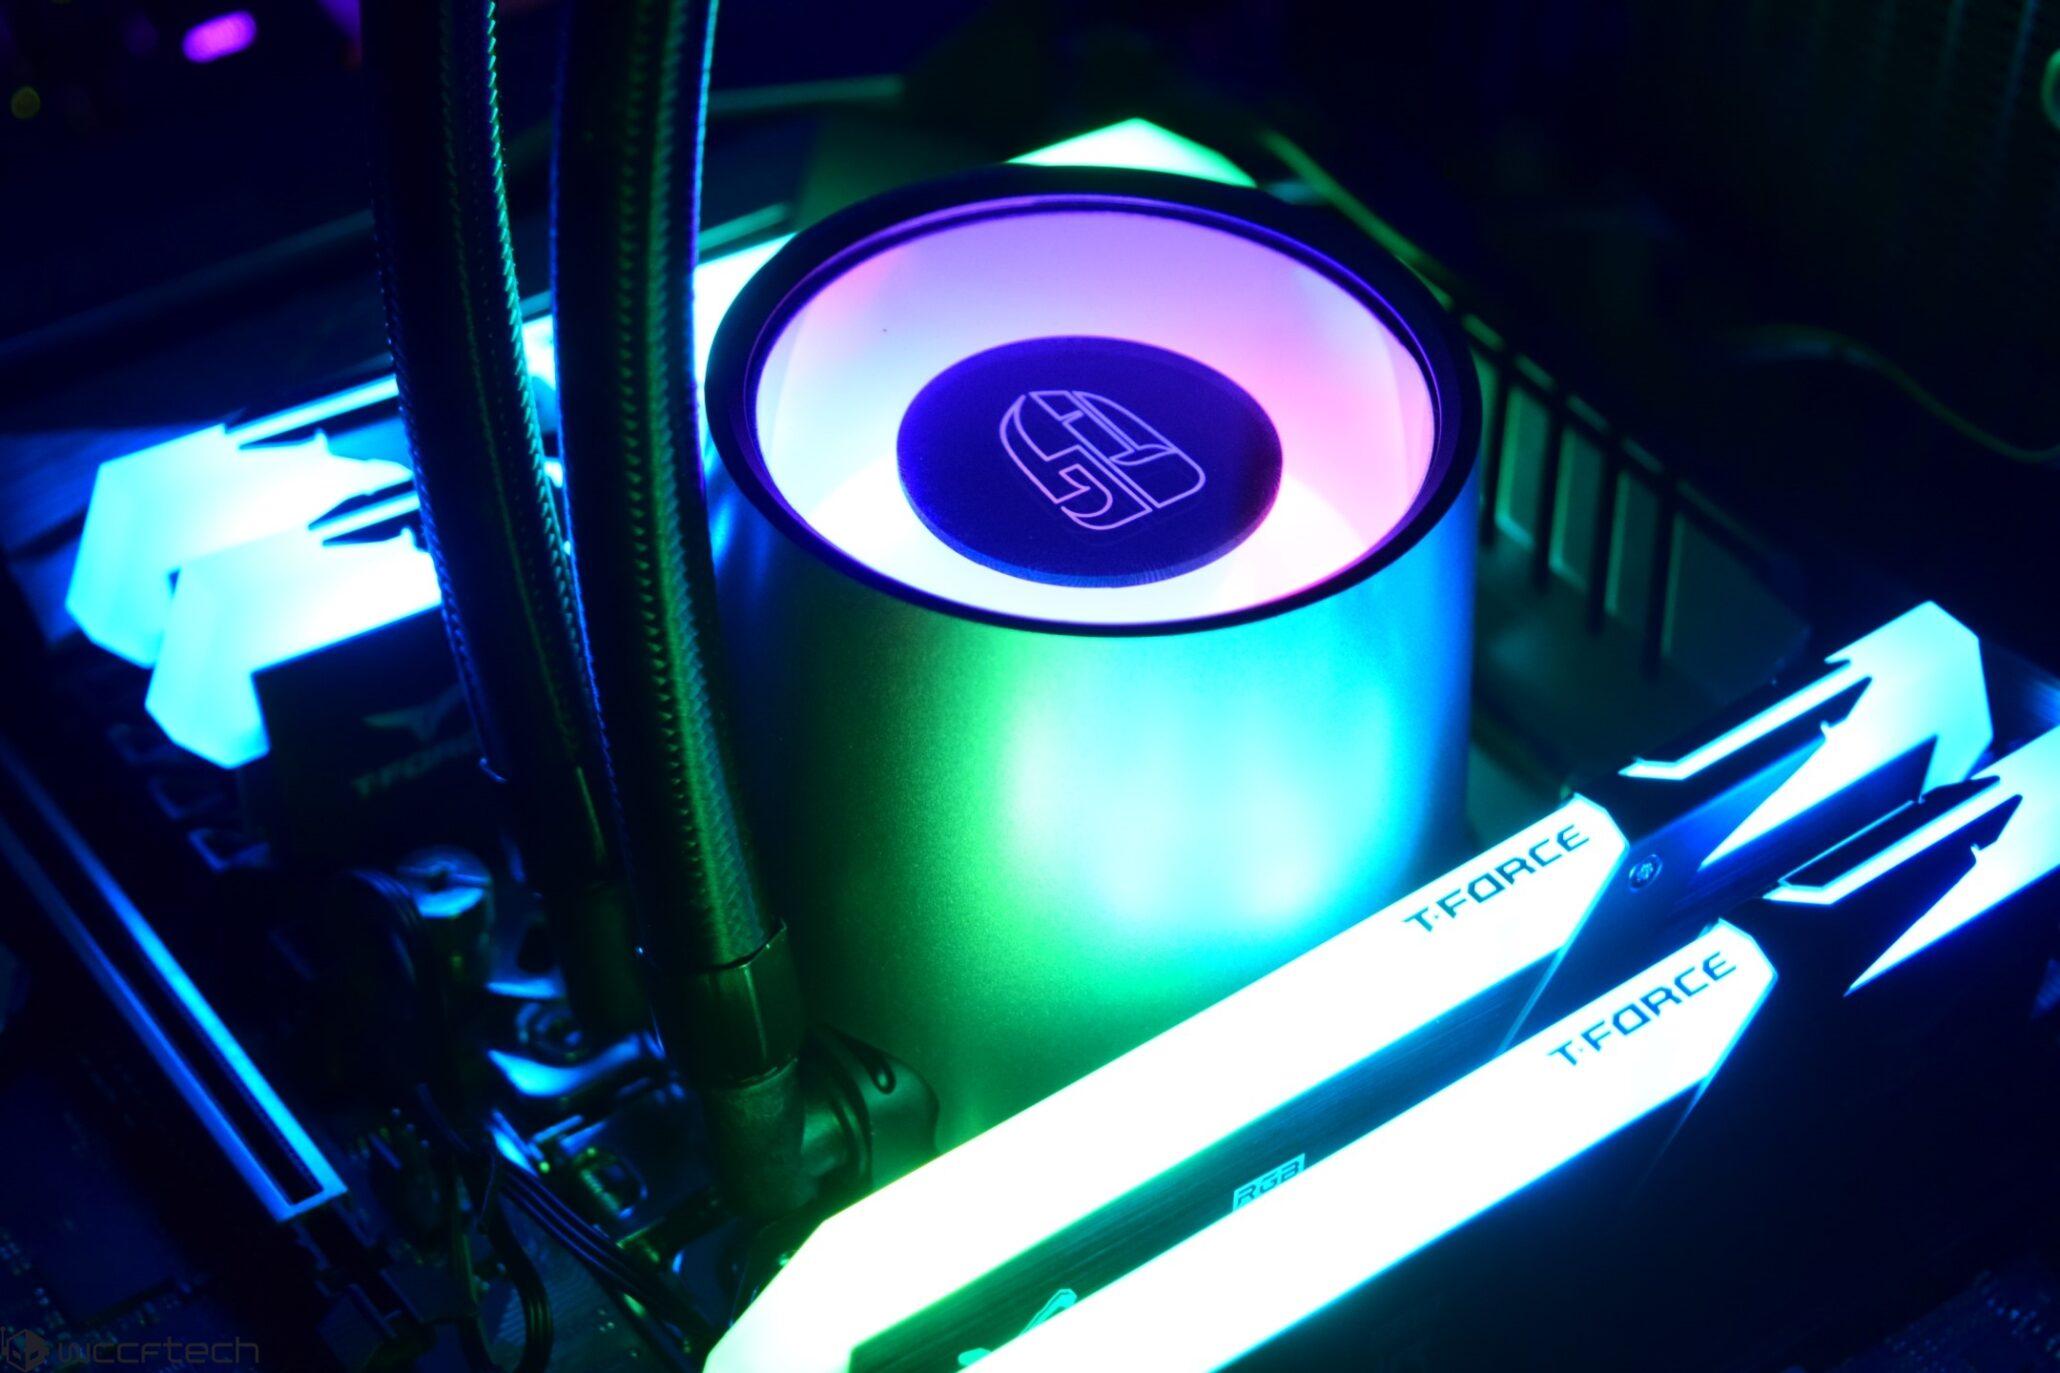 dsc_0729-custom-2